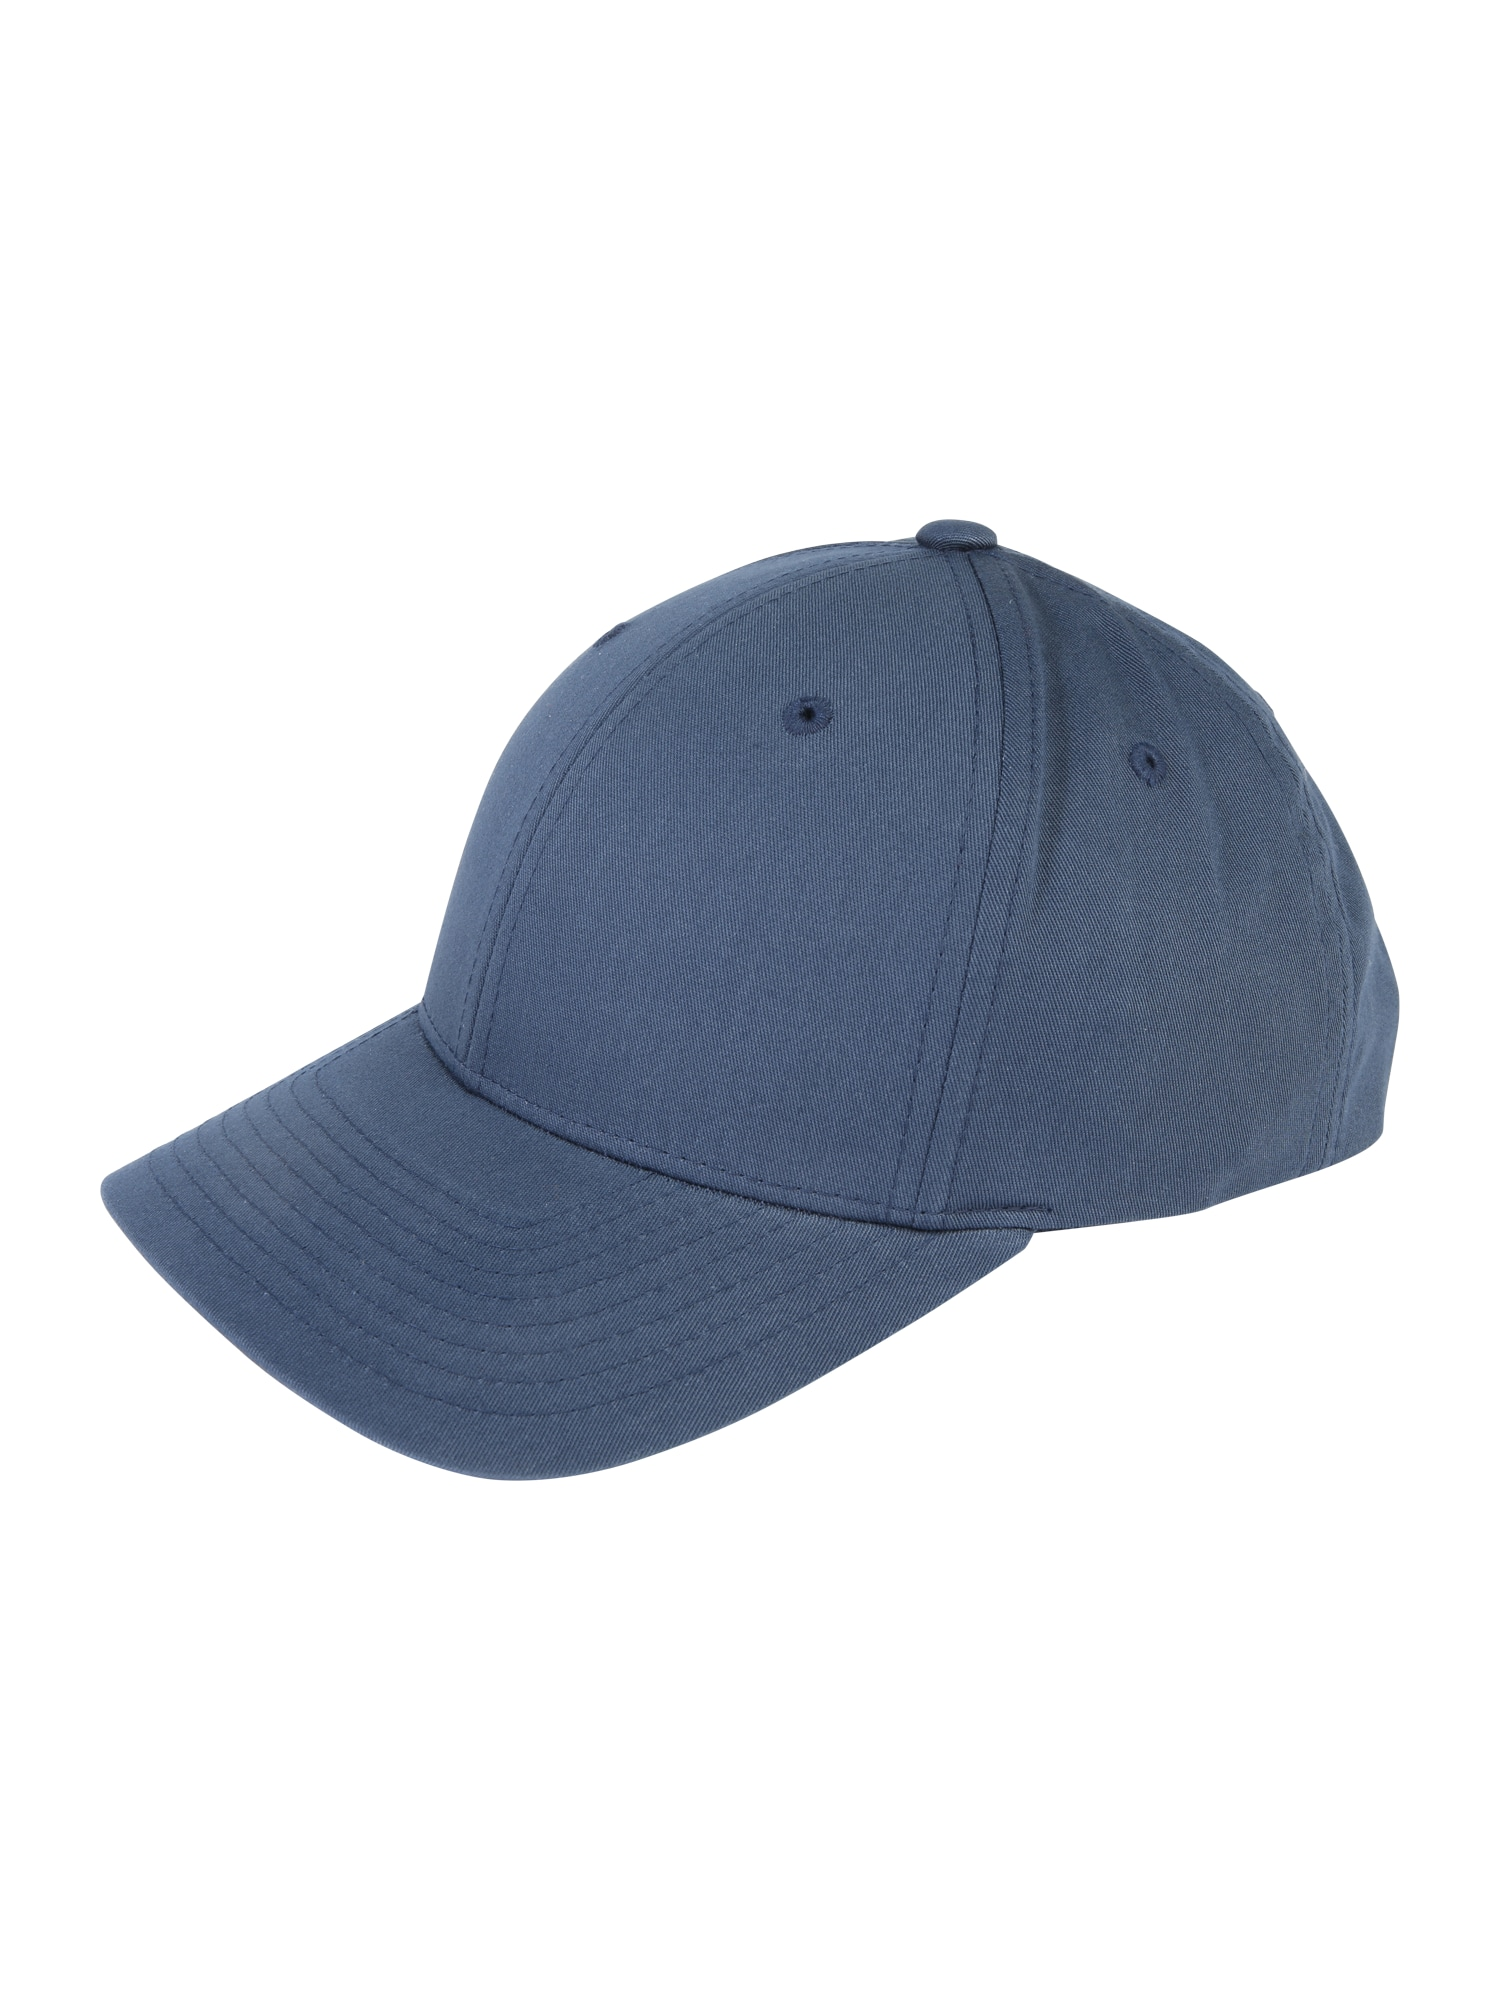 Kšiltovka Curved Classic Snapback námořnická modř Flexfit